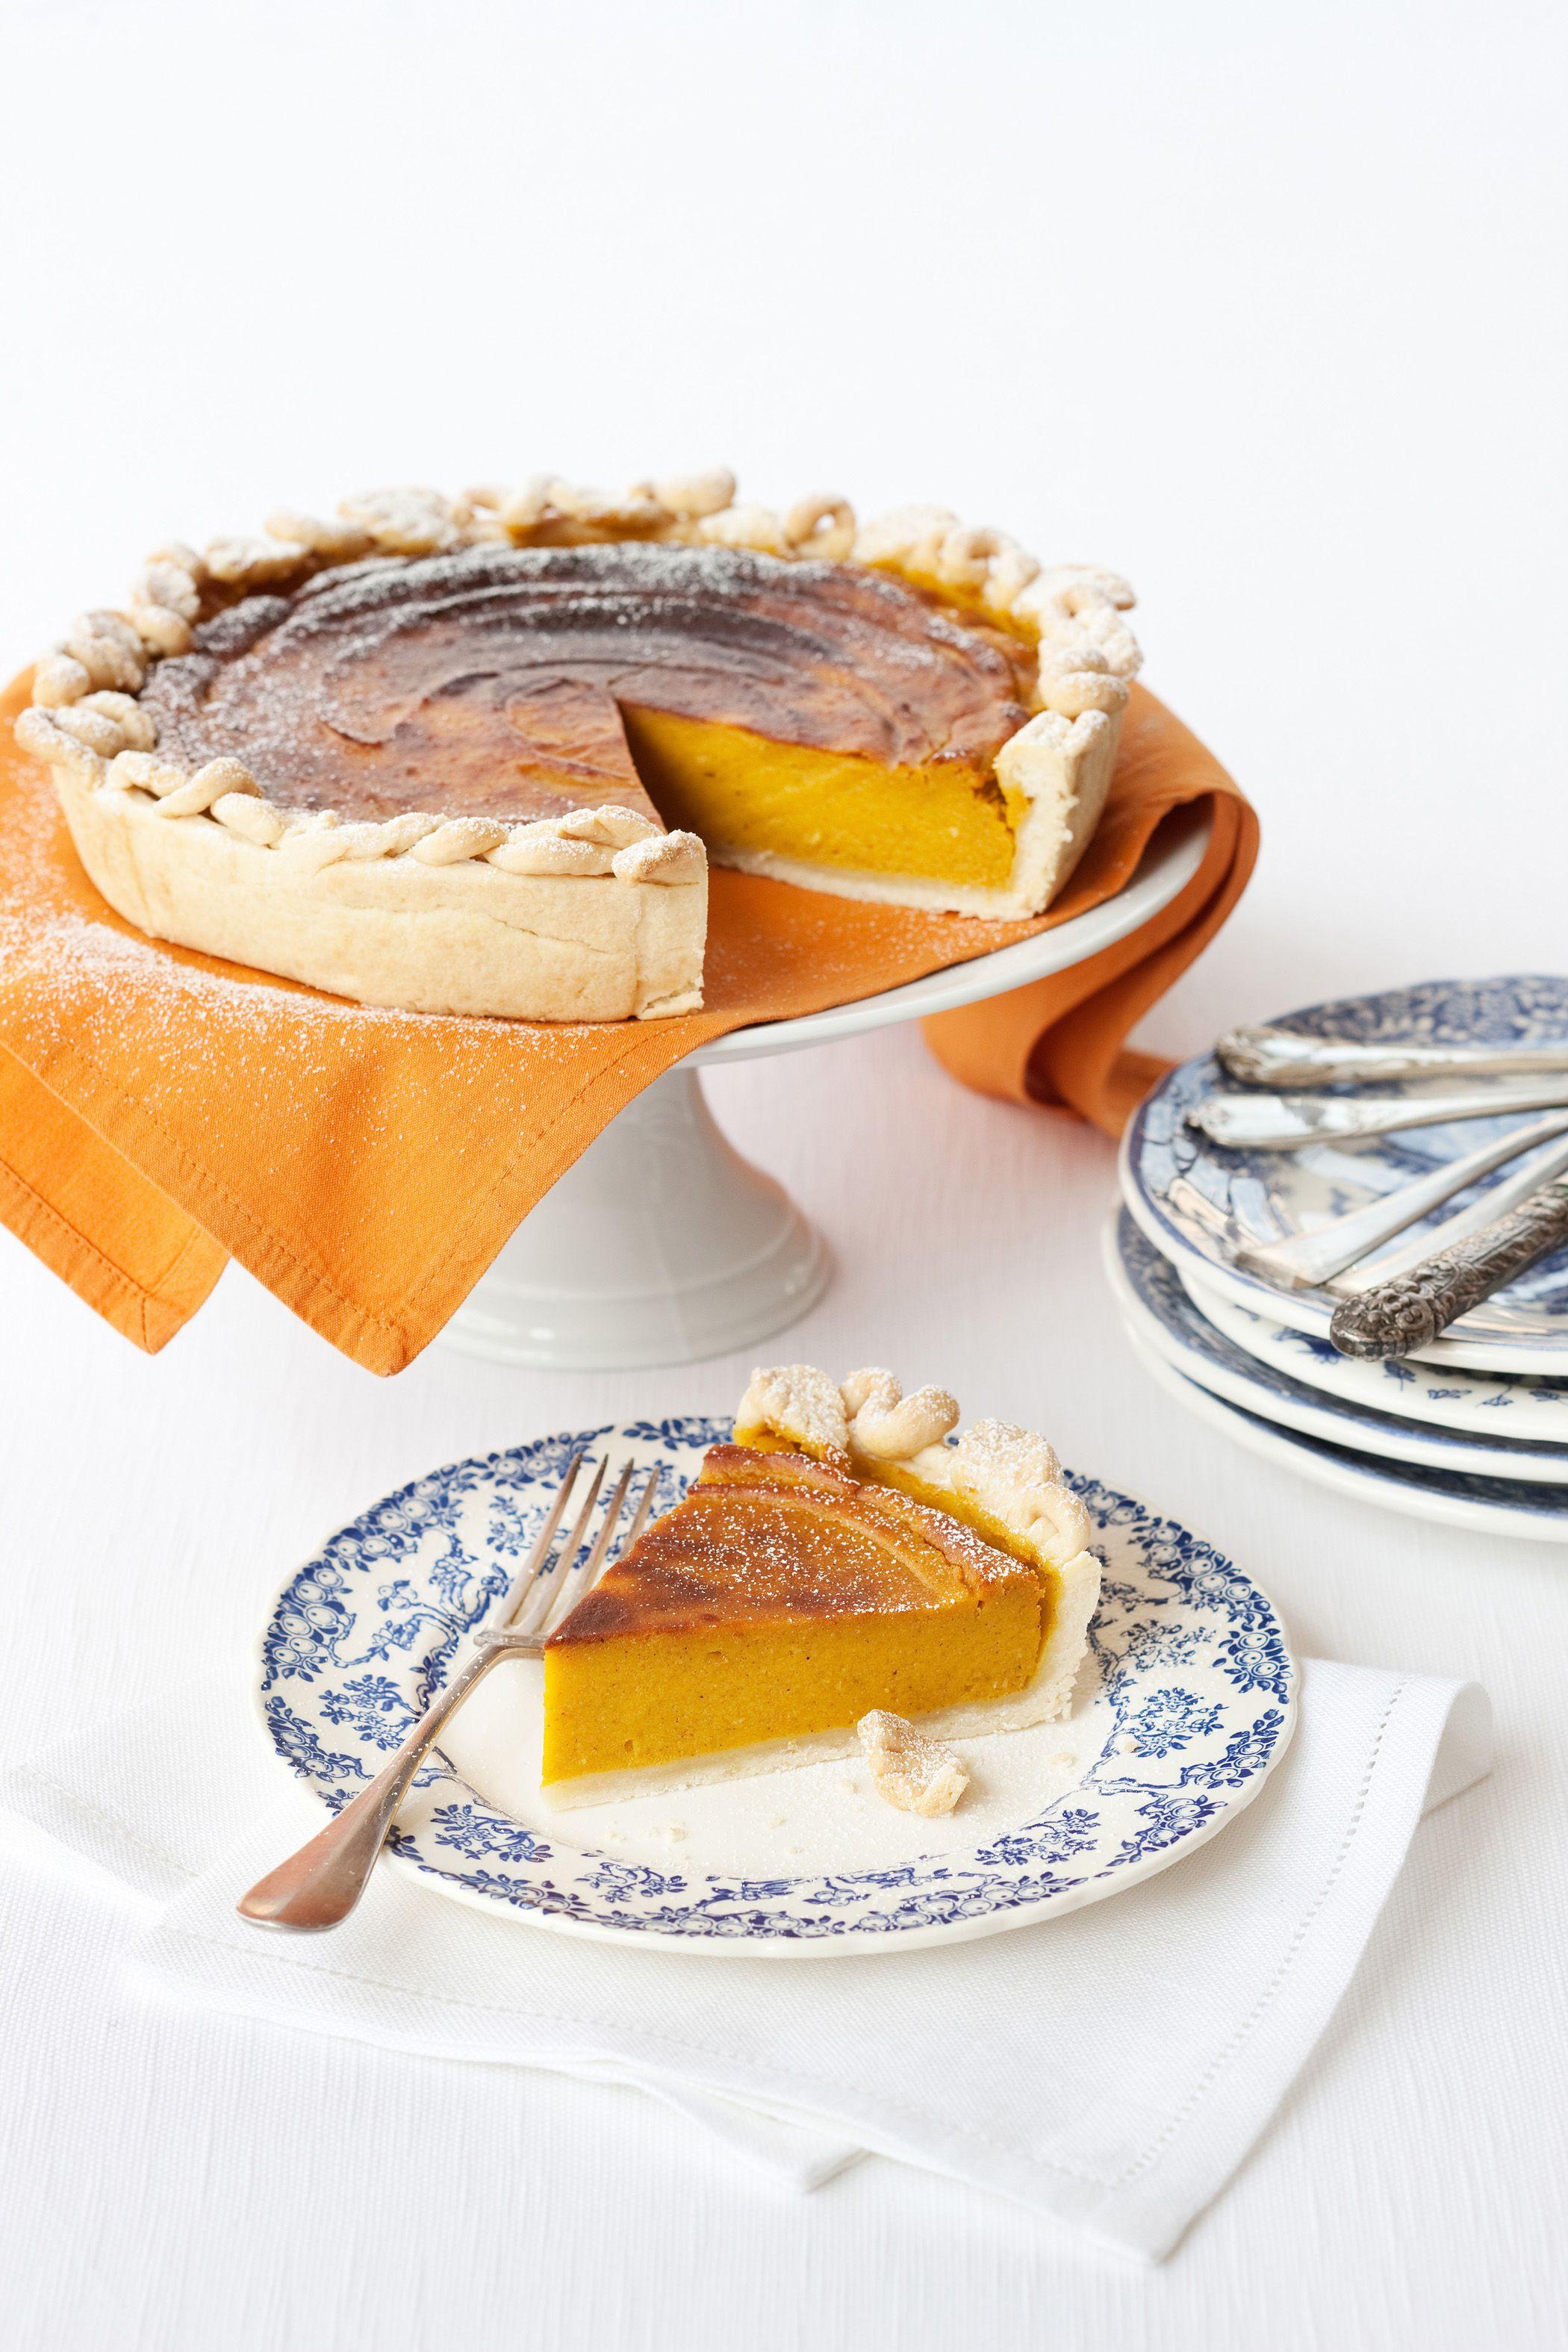 Scopri come realizzare a casa la tradizionale torta di zucca americana con la ricetta di Sale&Pepe.